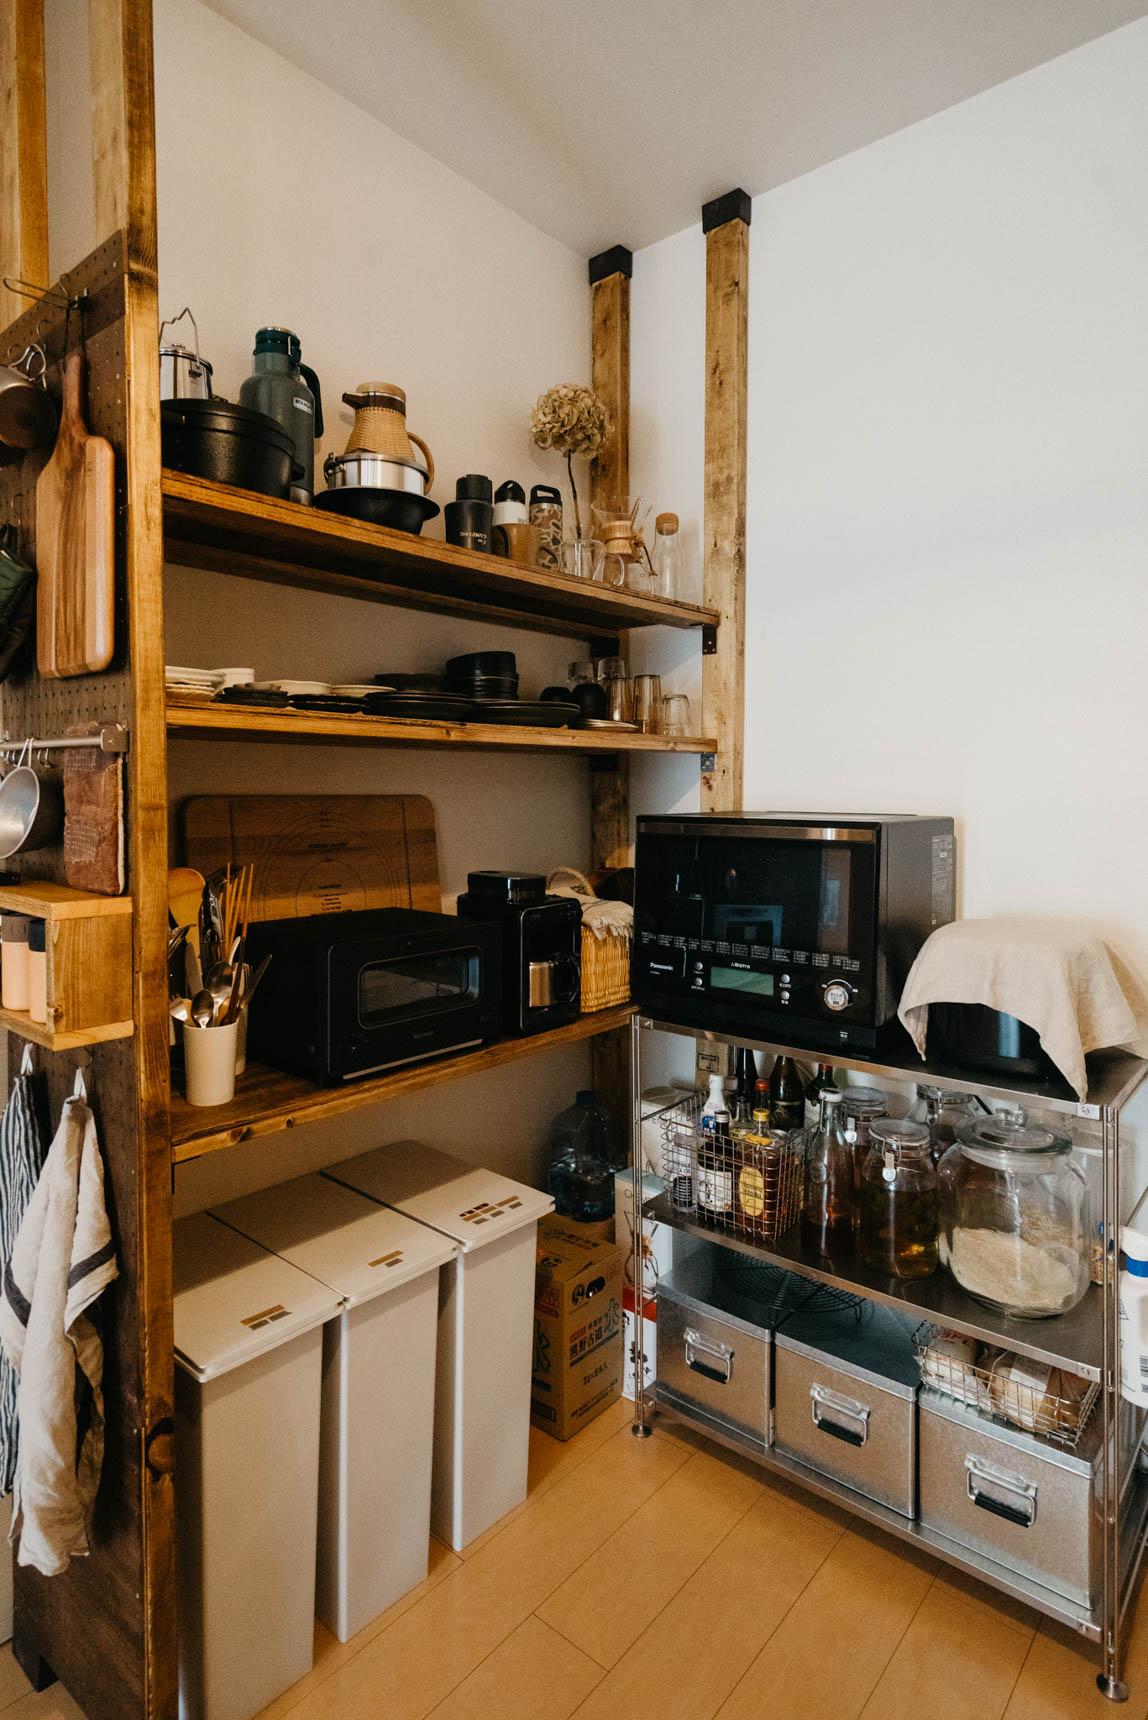 小さなキッチンで、奥行き、横幅など既製品ではぴったり設置できるものがない場合にも。自分の好きなサイズで作れるので、スペースを有効活用できます。